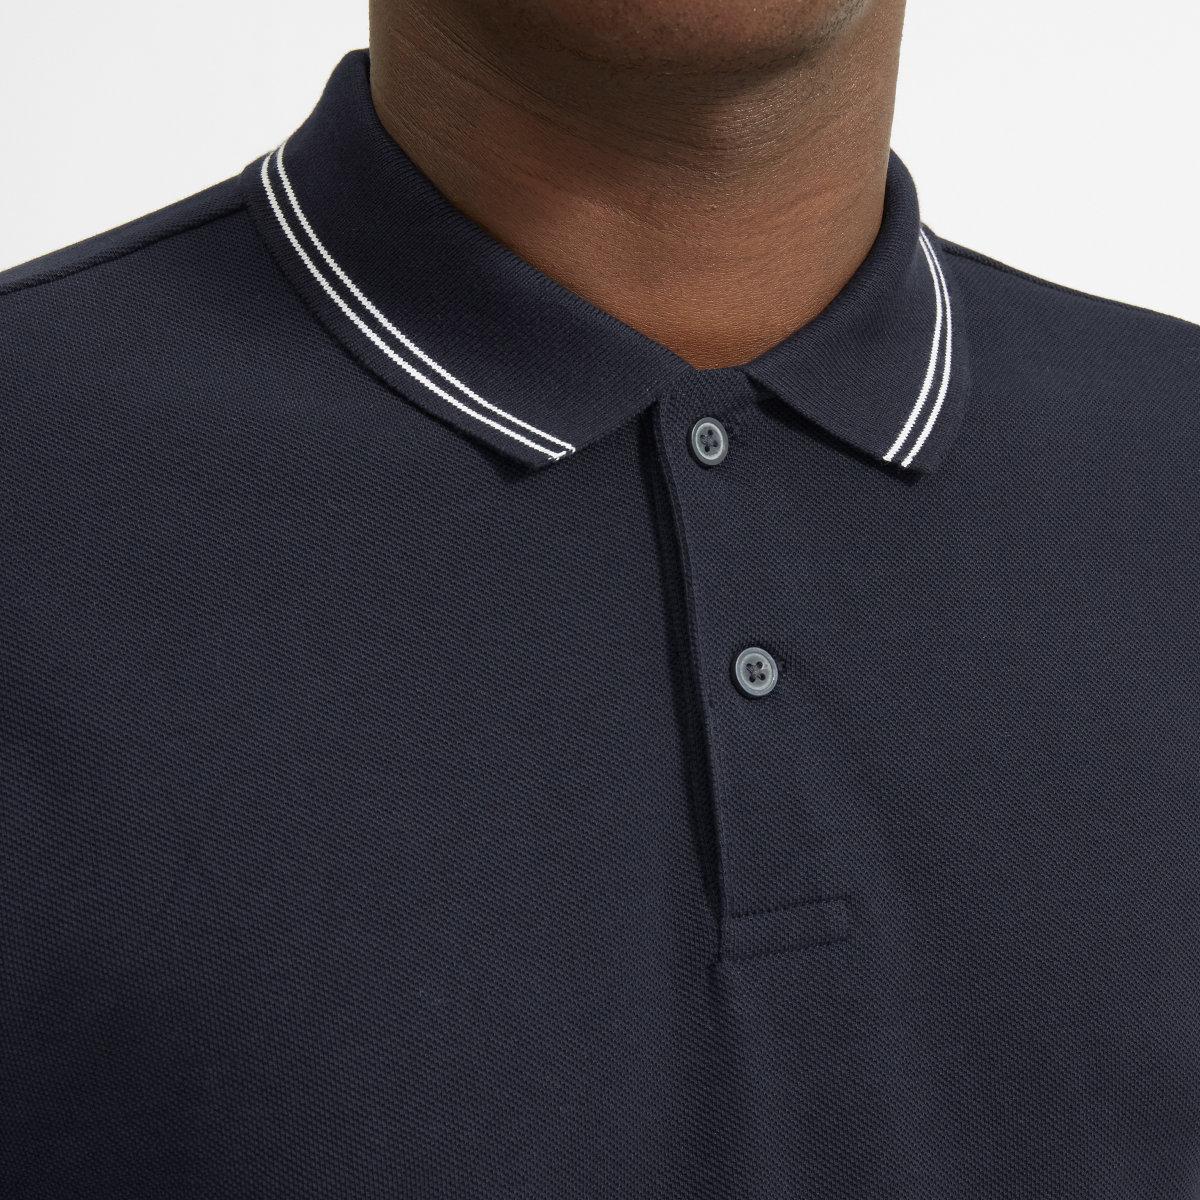 Mens Pique Polo Shirt Everlane